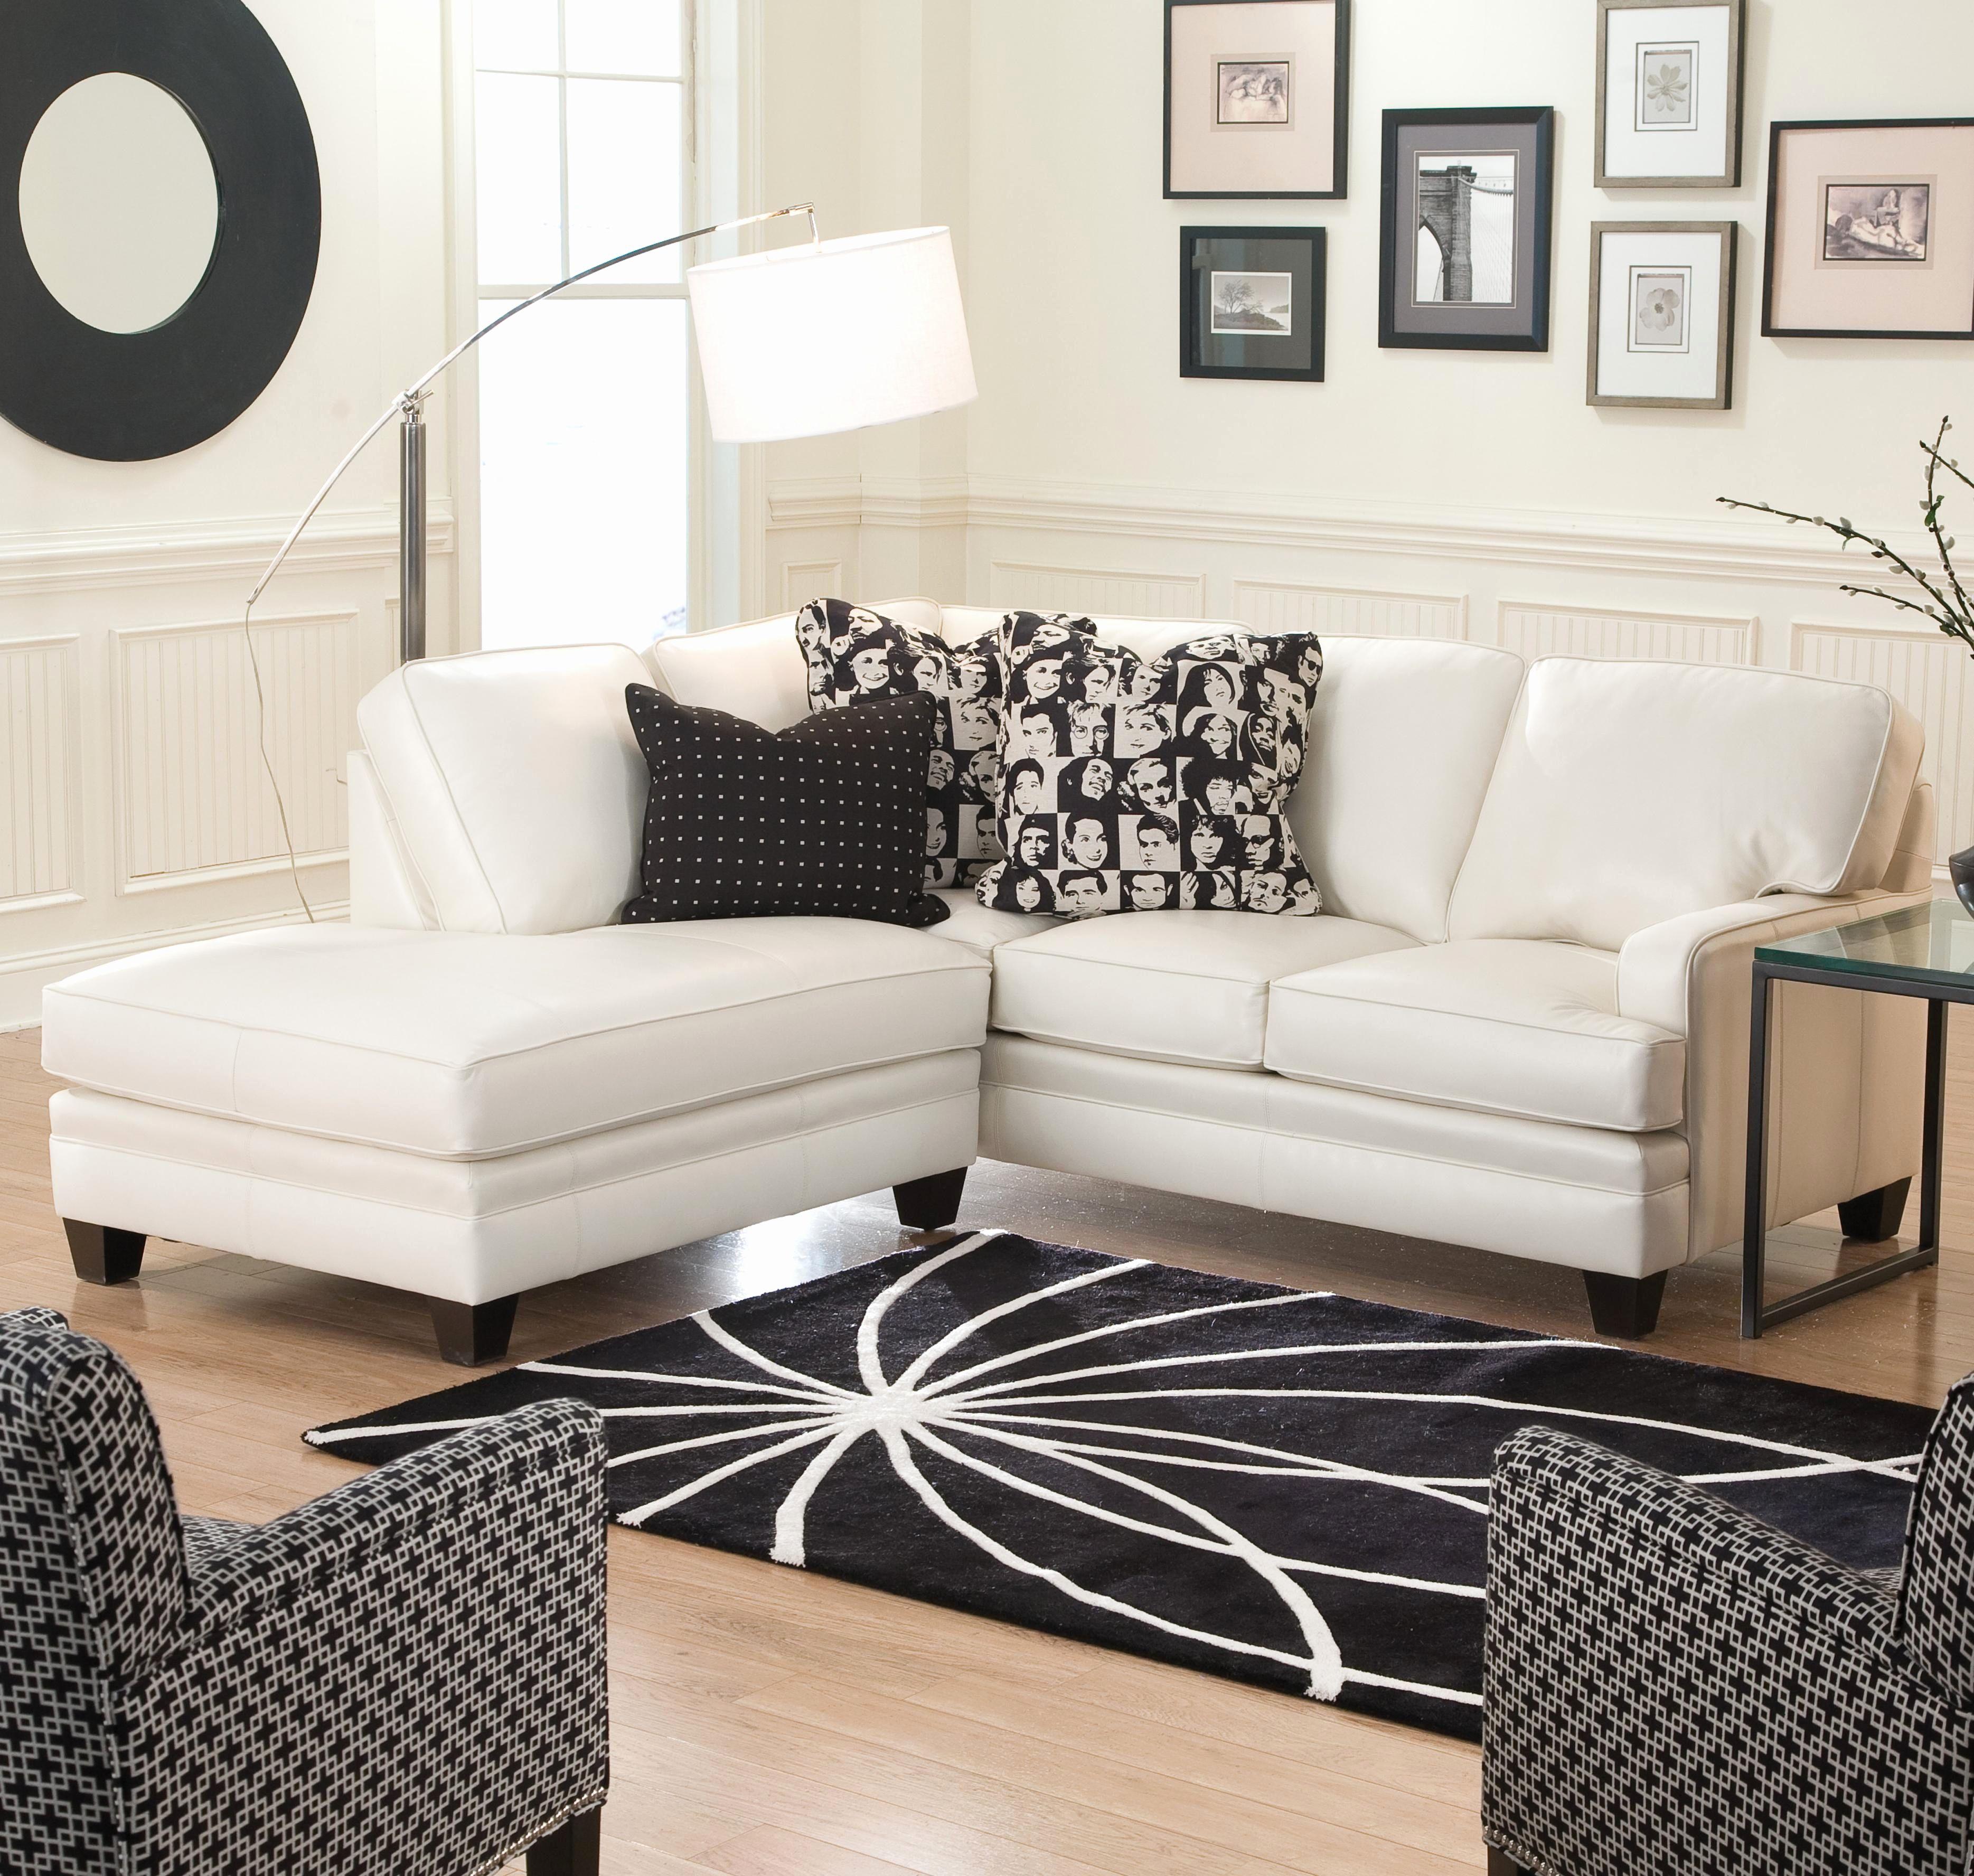 Unique Corner Sofa For Small Room Shot Corner Sofa For Small Room